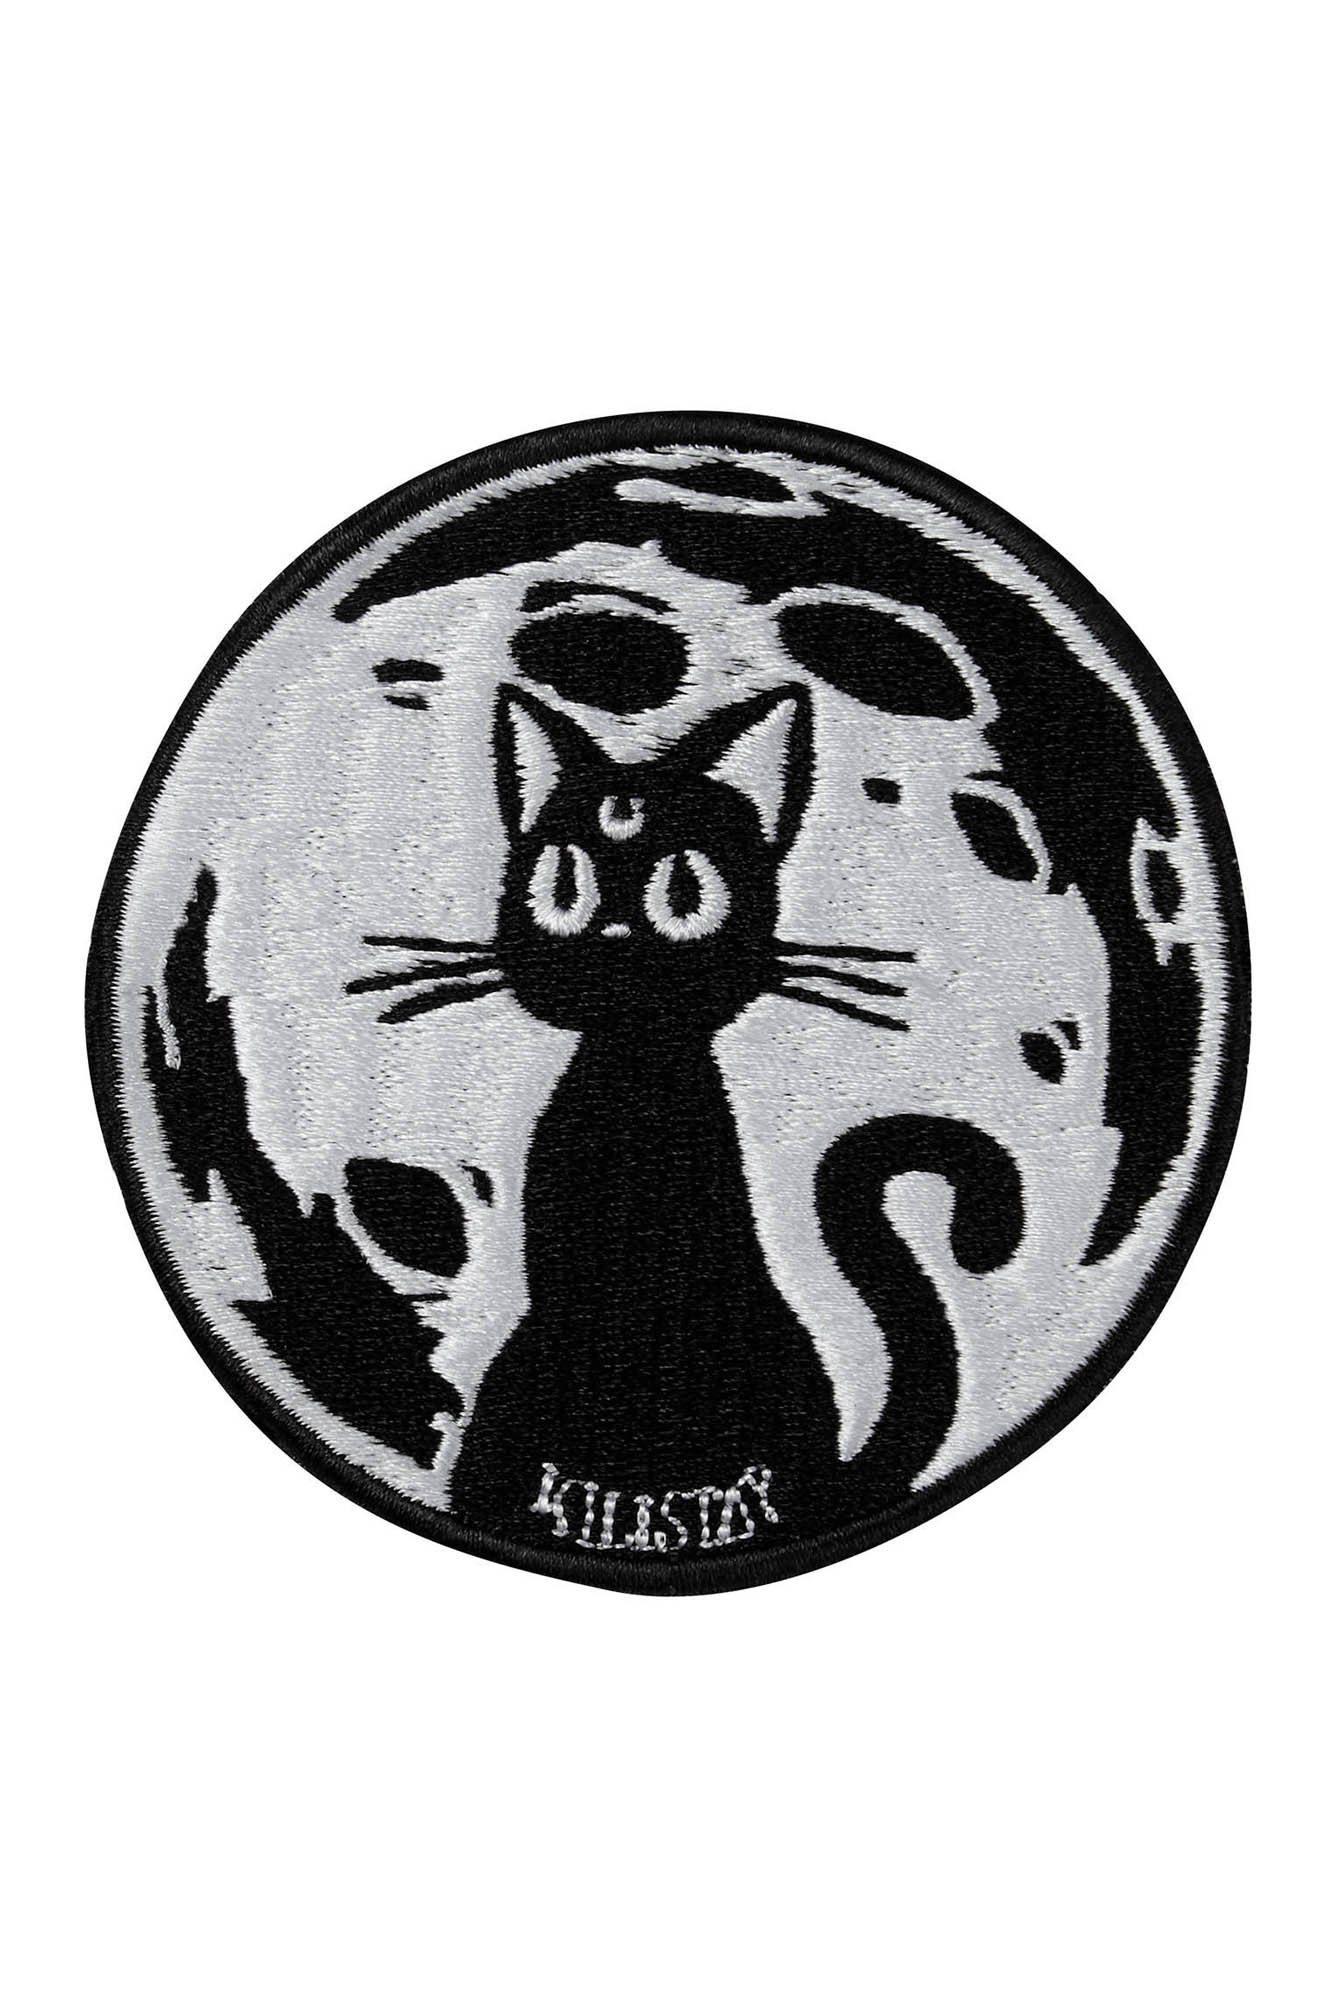 Keiko Kitty Patch